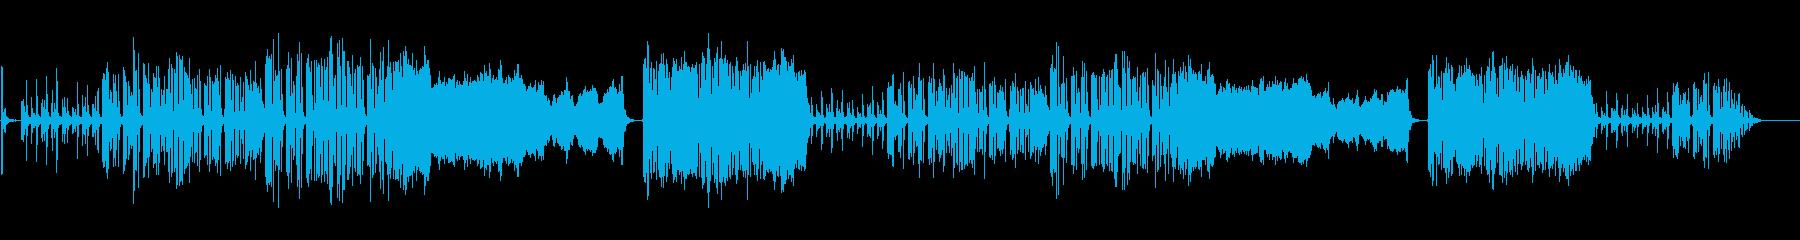 ほんのり和風なほのぼのBGMの再生済みの波形